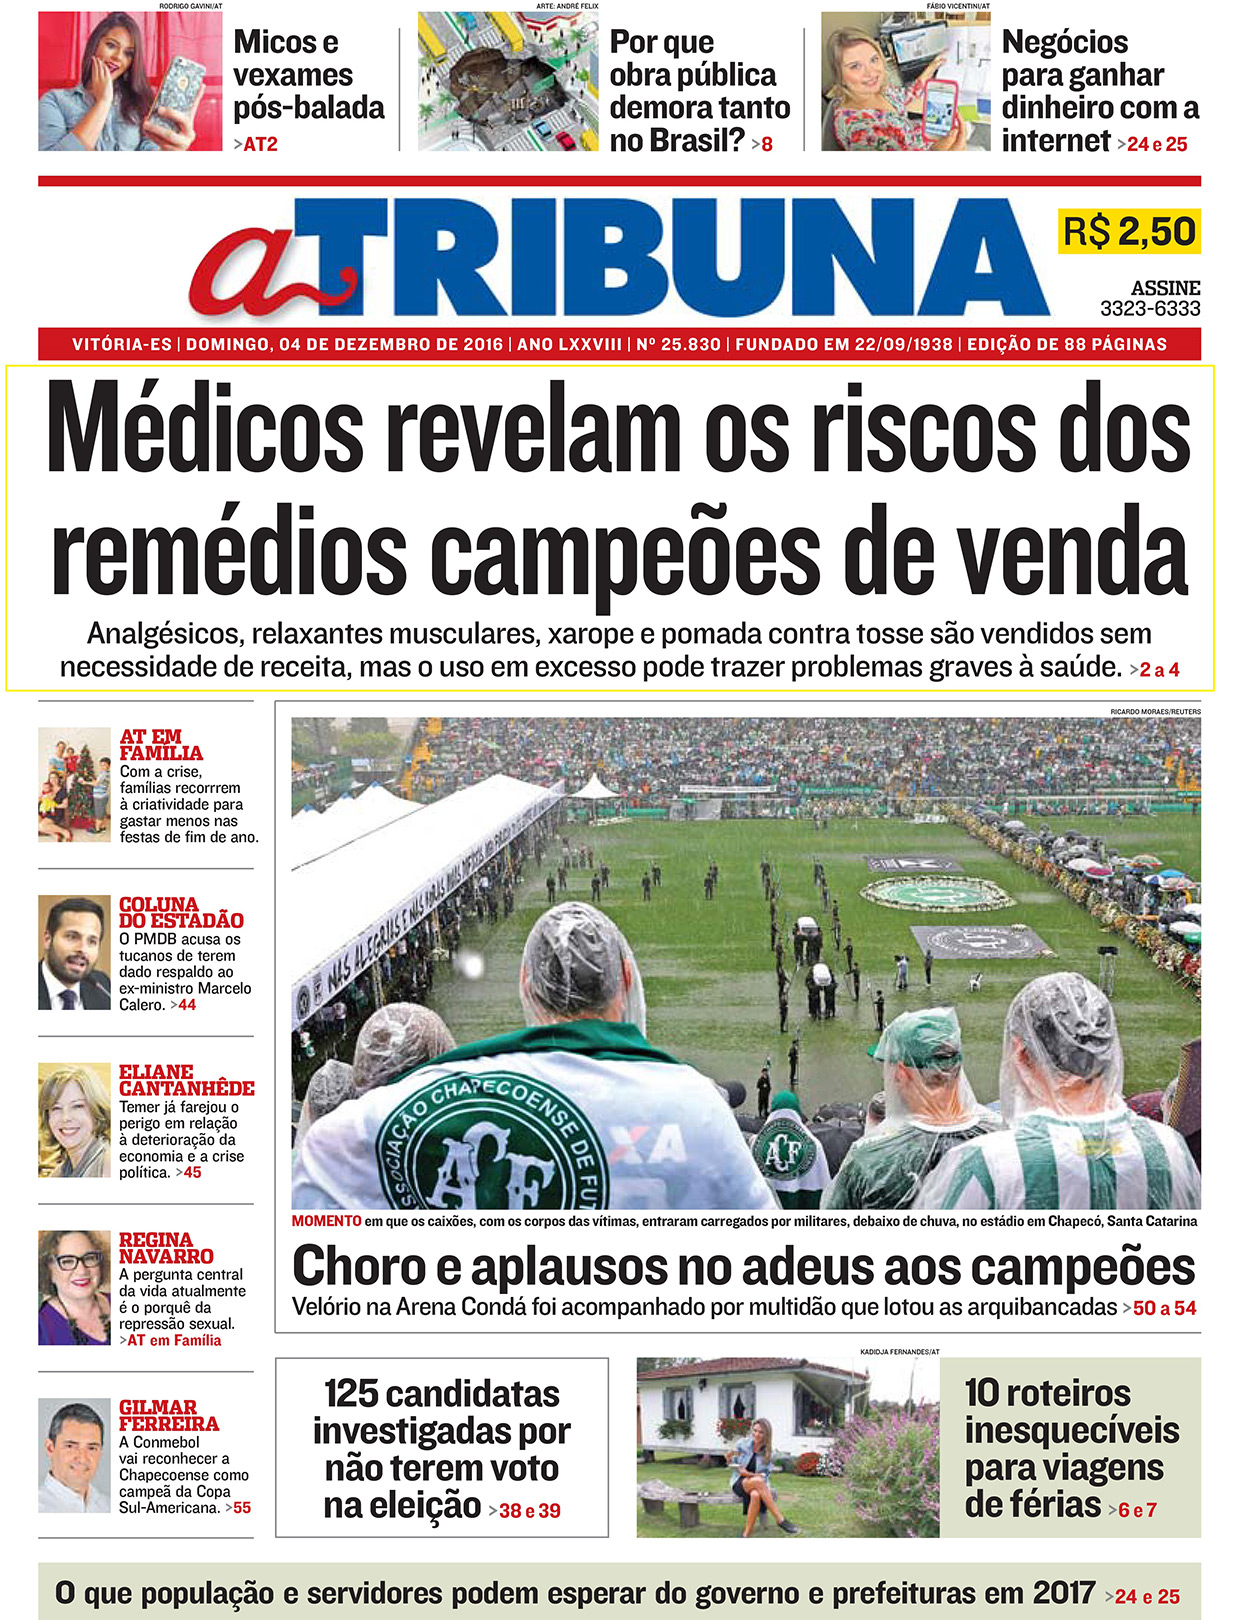 Médicos revelam riscos dos remédios líderes em vendas - A Tribuna - Capa